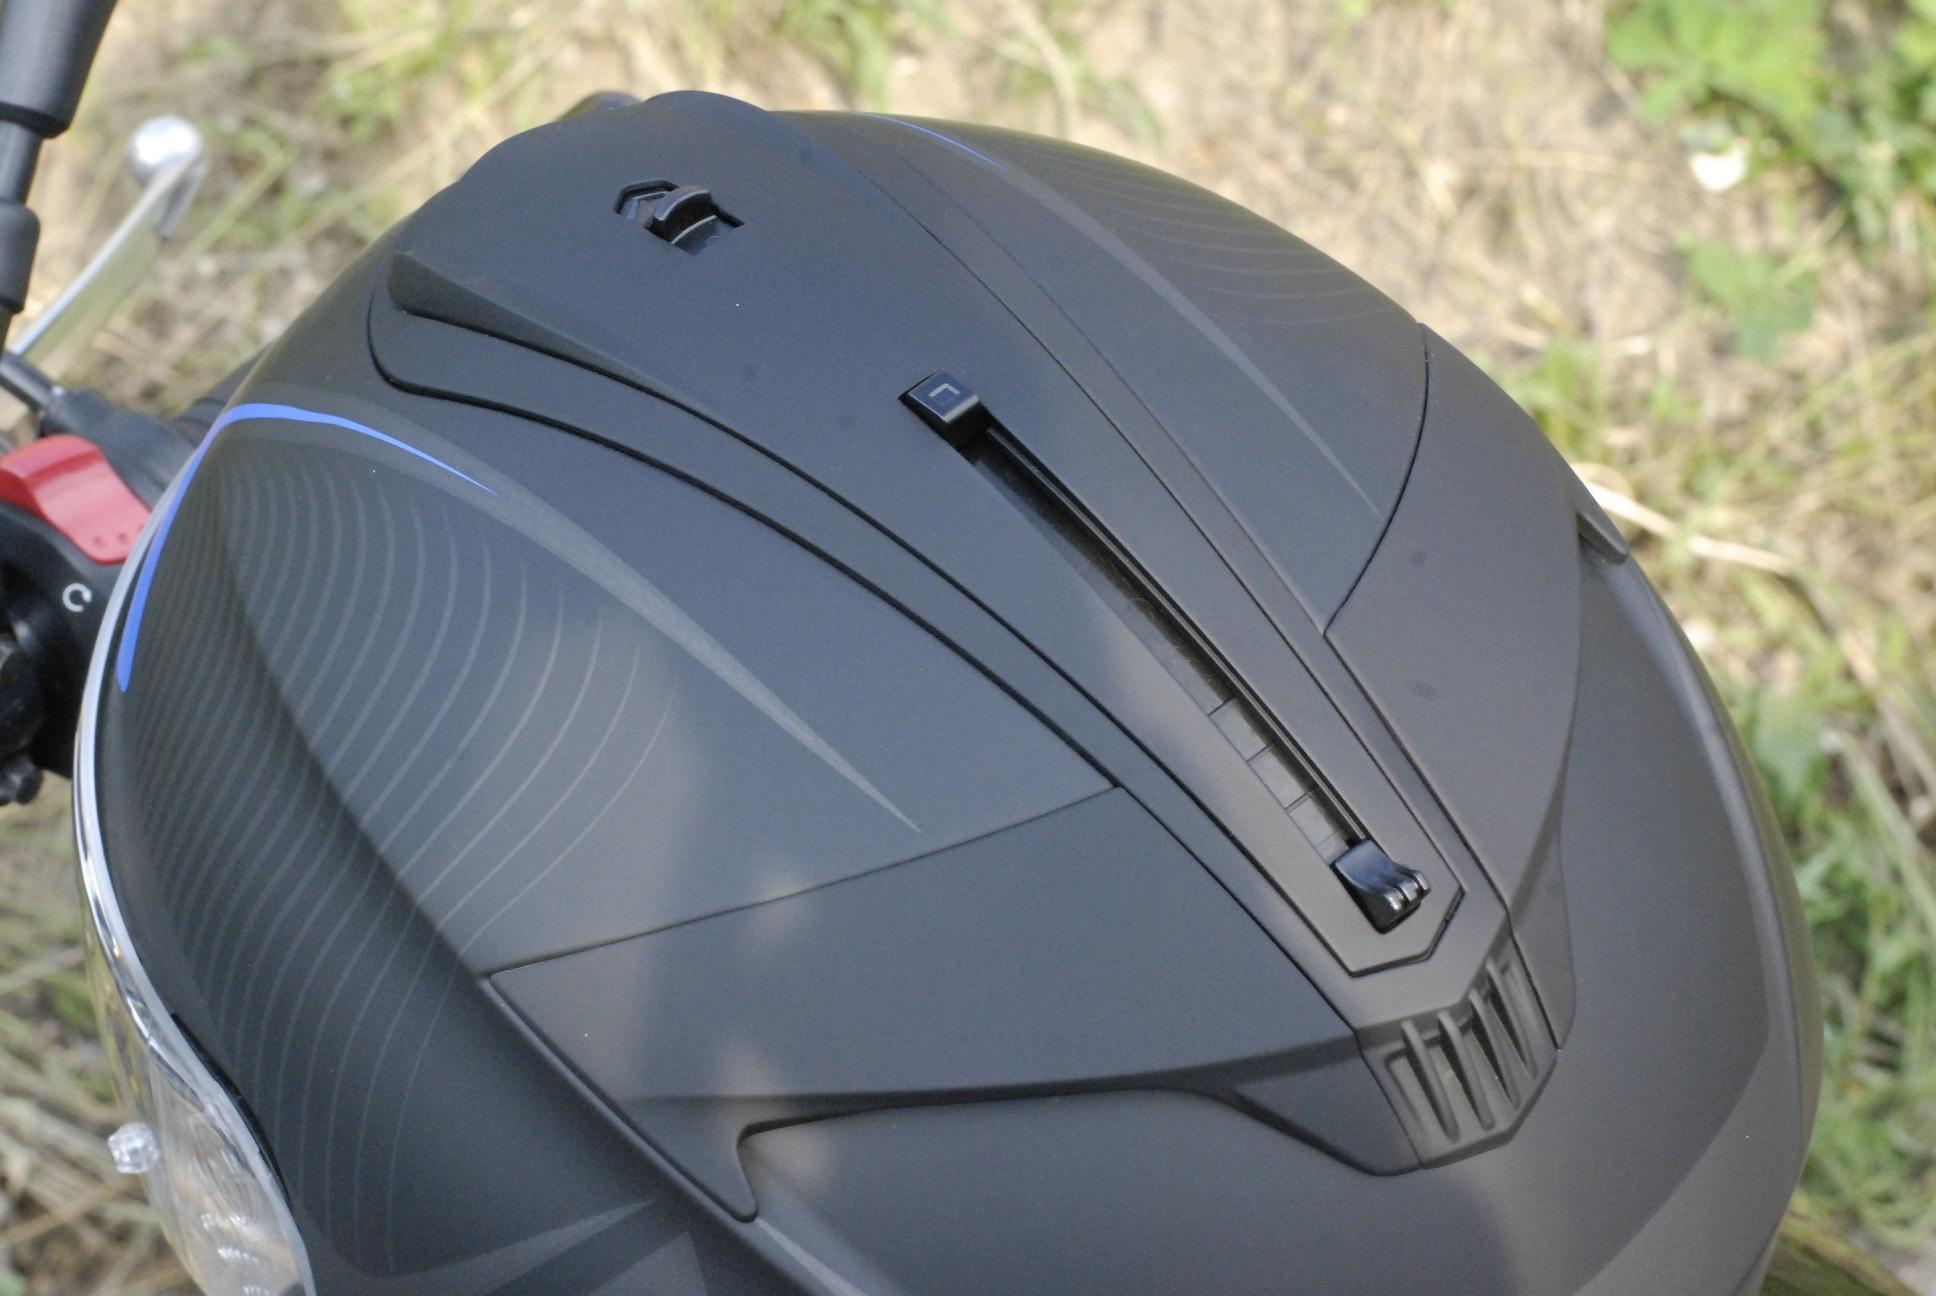 Casco moto pantalla solar HJC